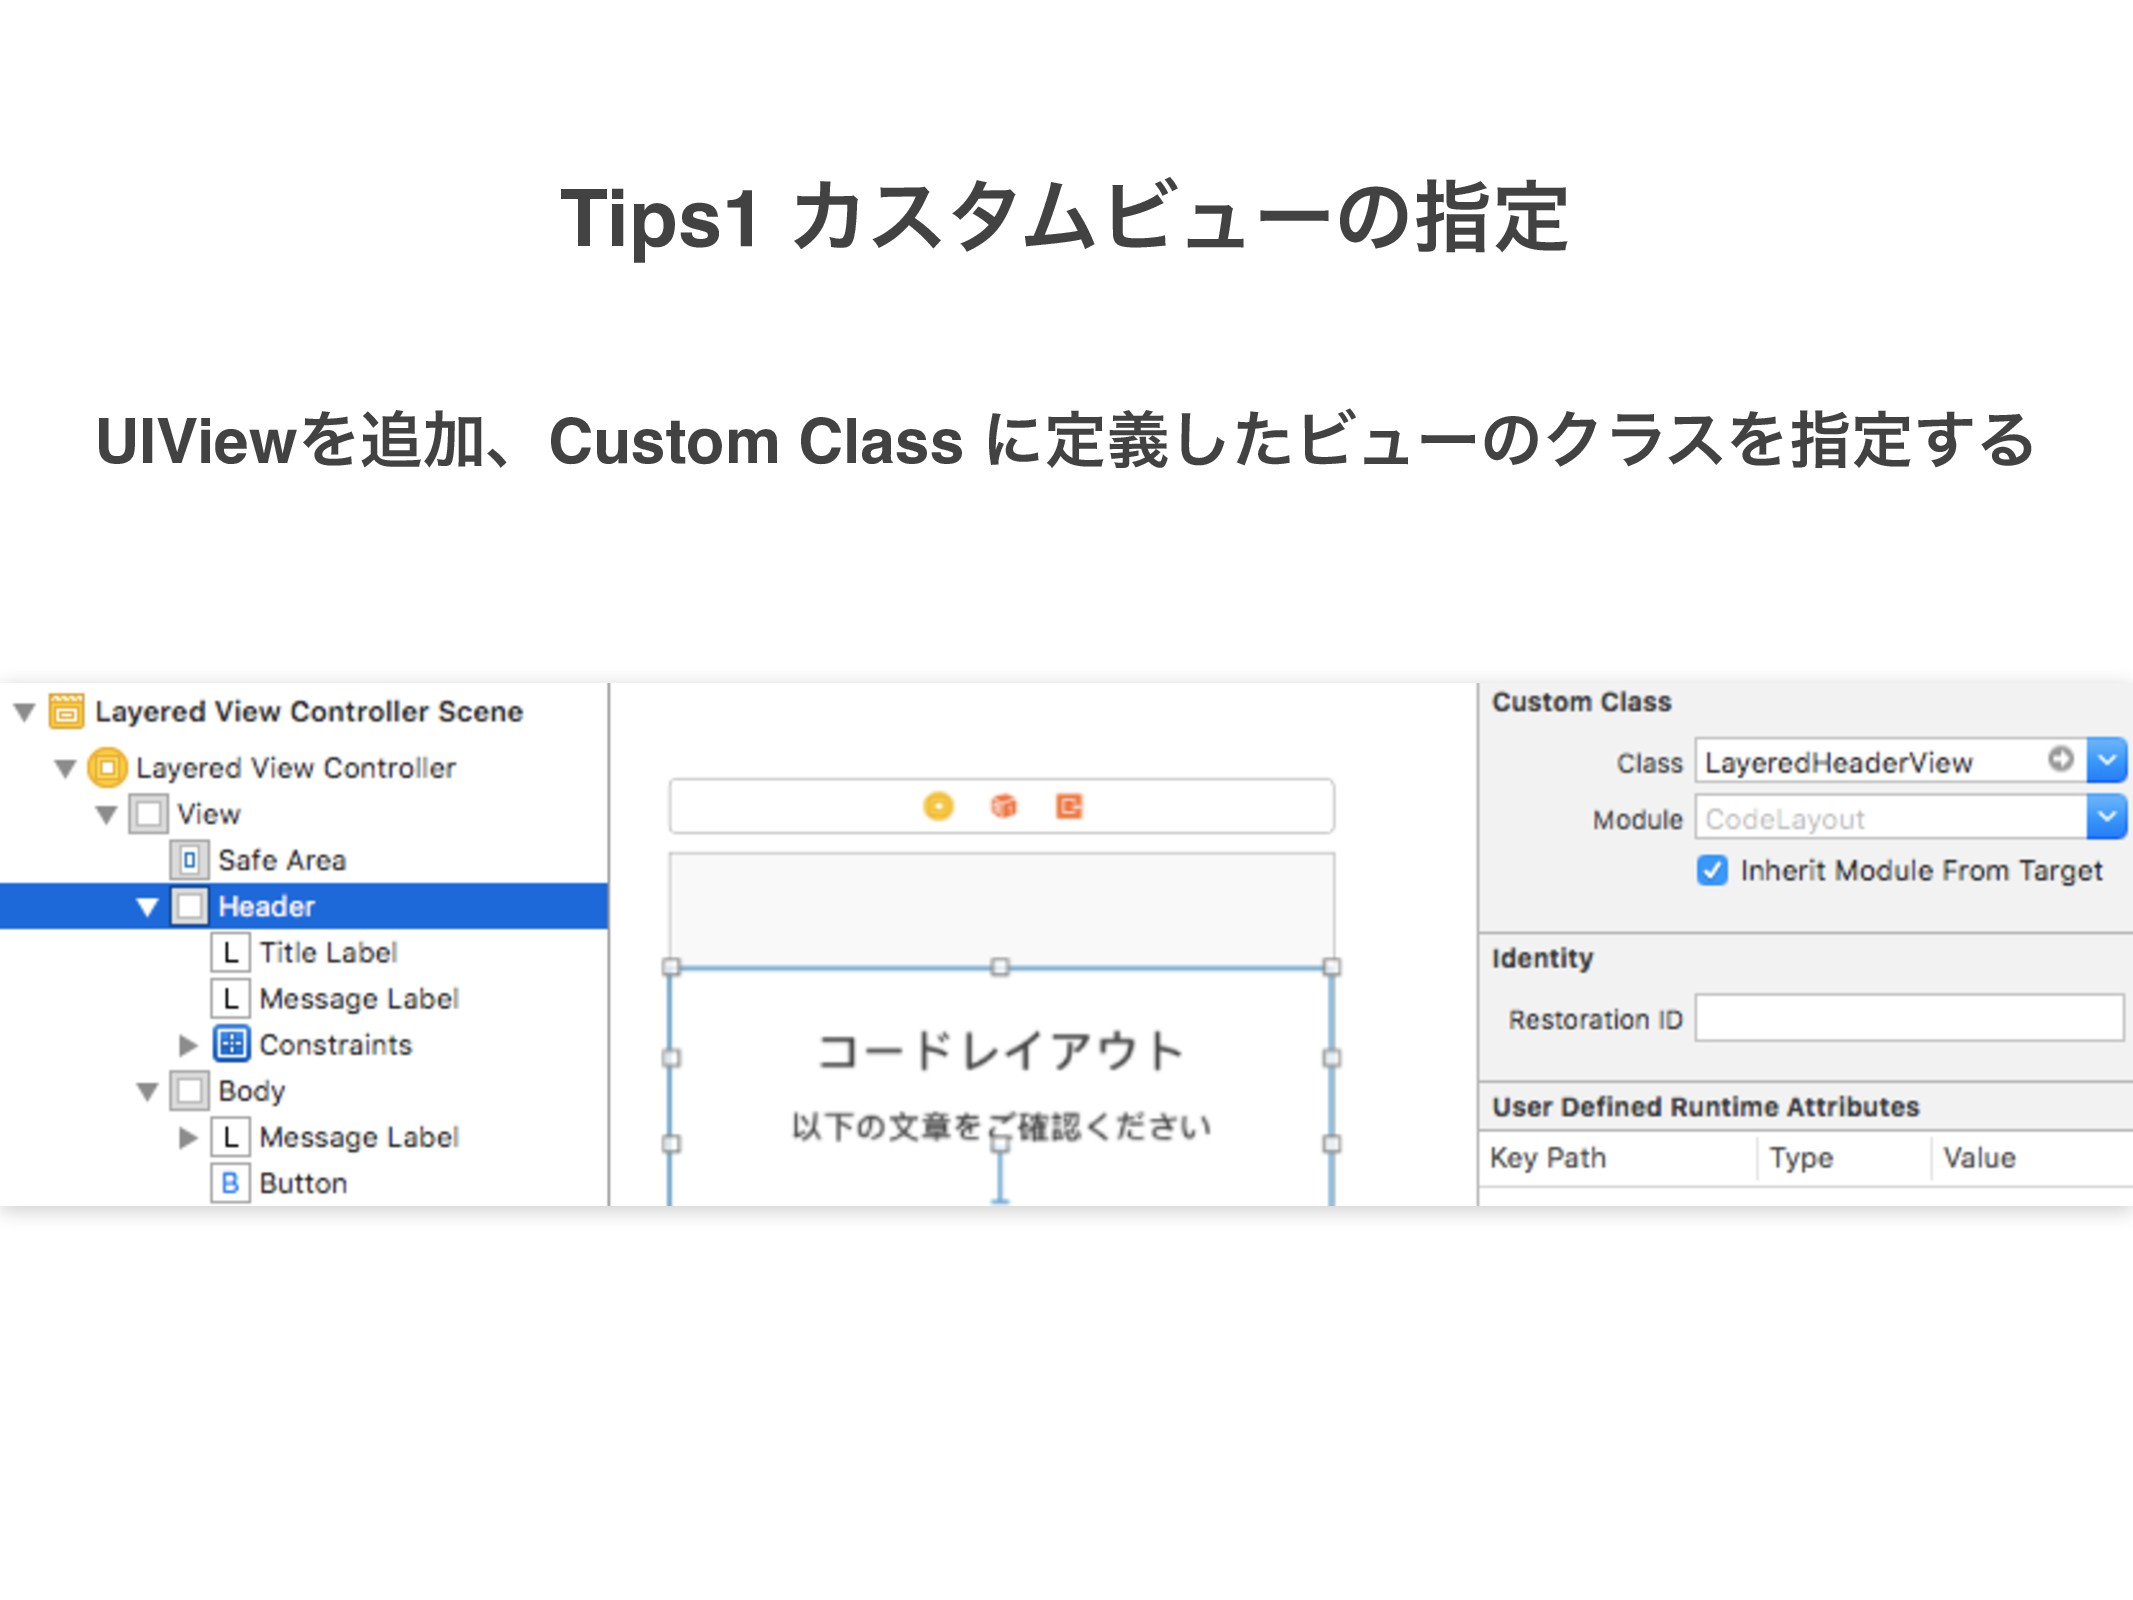 UIViewΛՃɺCustom Class ʹఆٛͨ͠ϏϡʔͷΫϥεΛࢦఆ͢Δ Tips1 ...